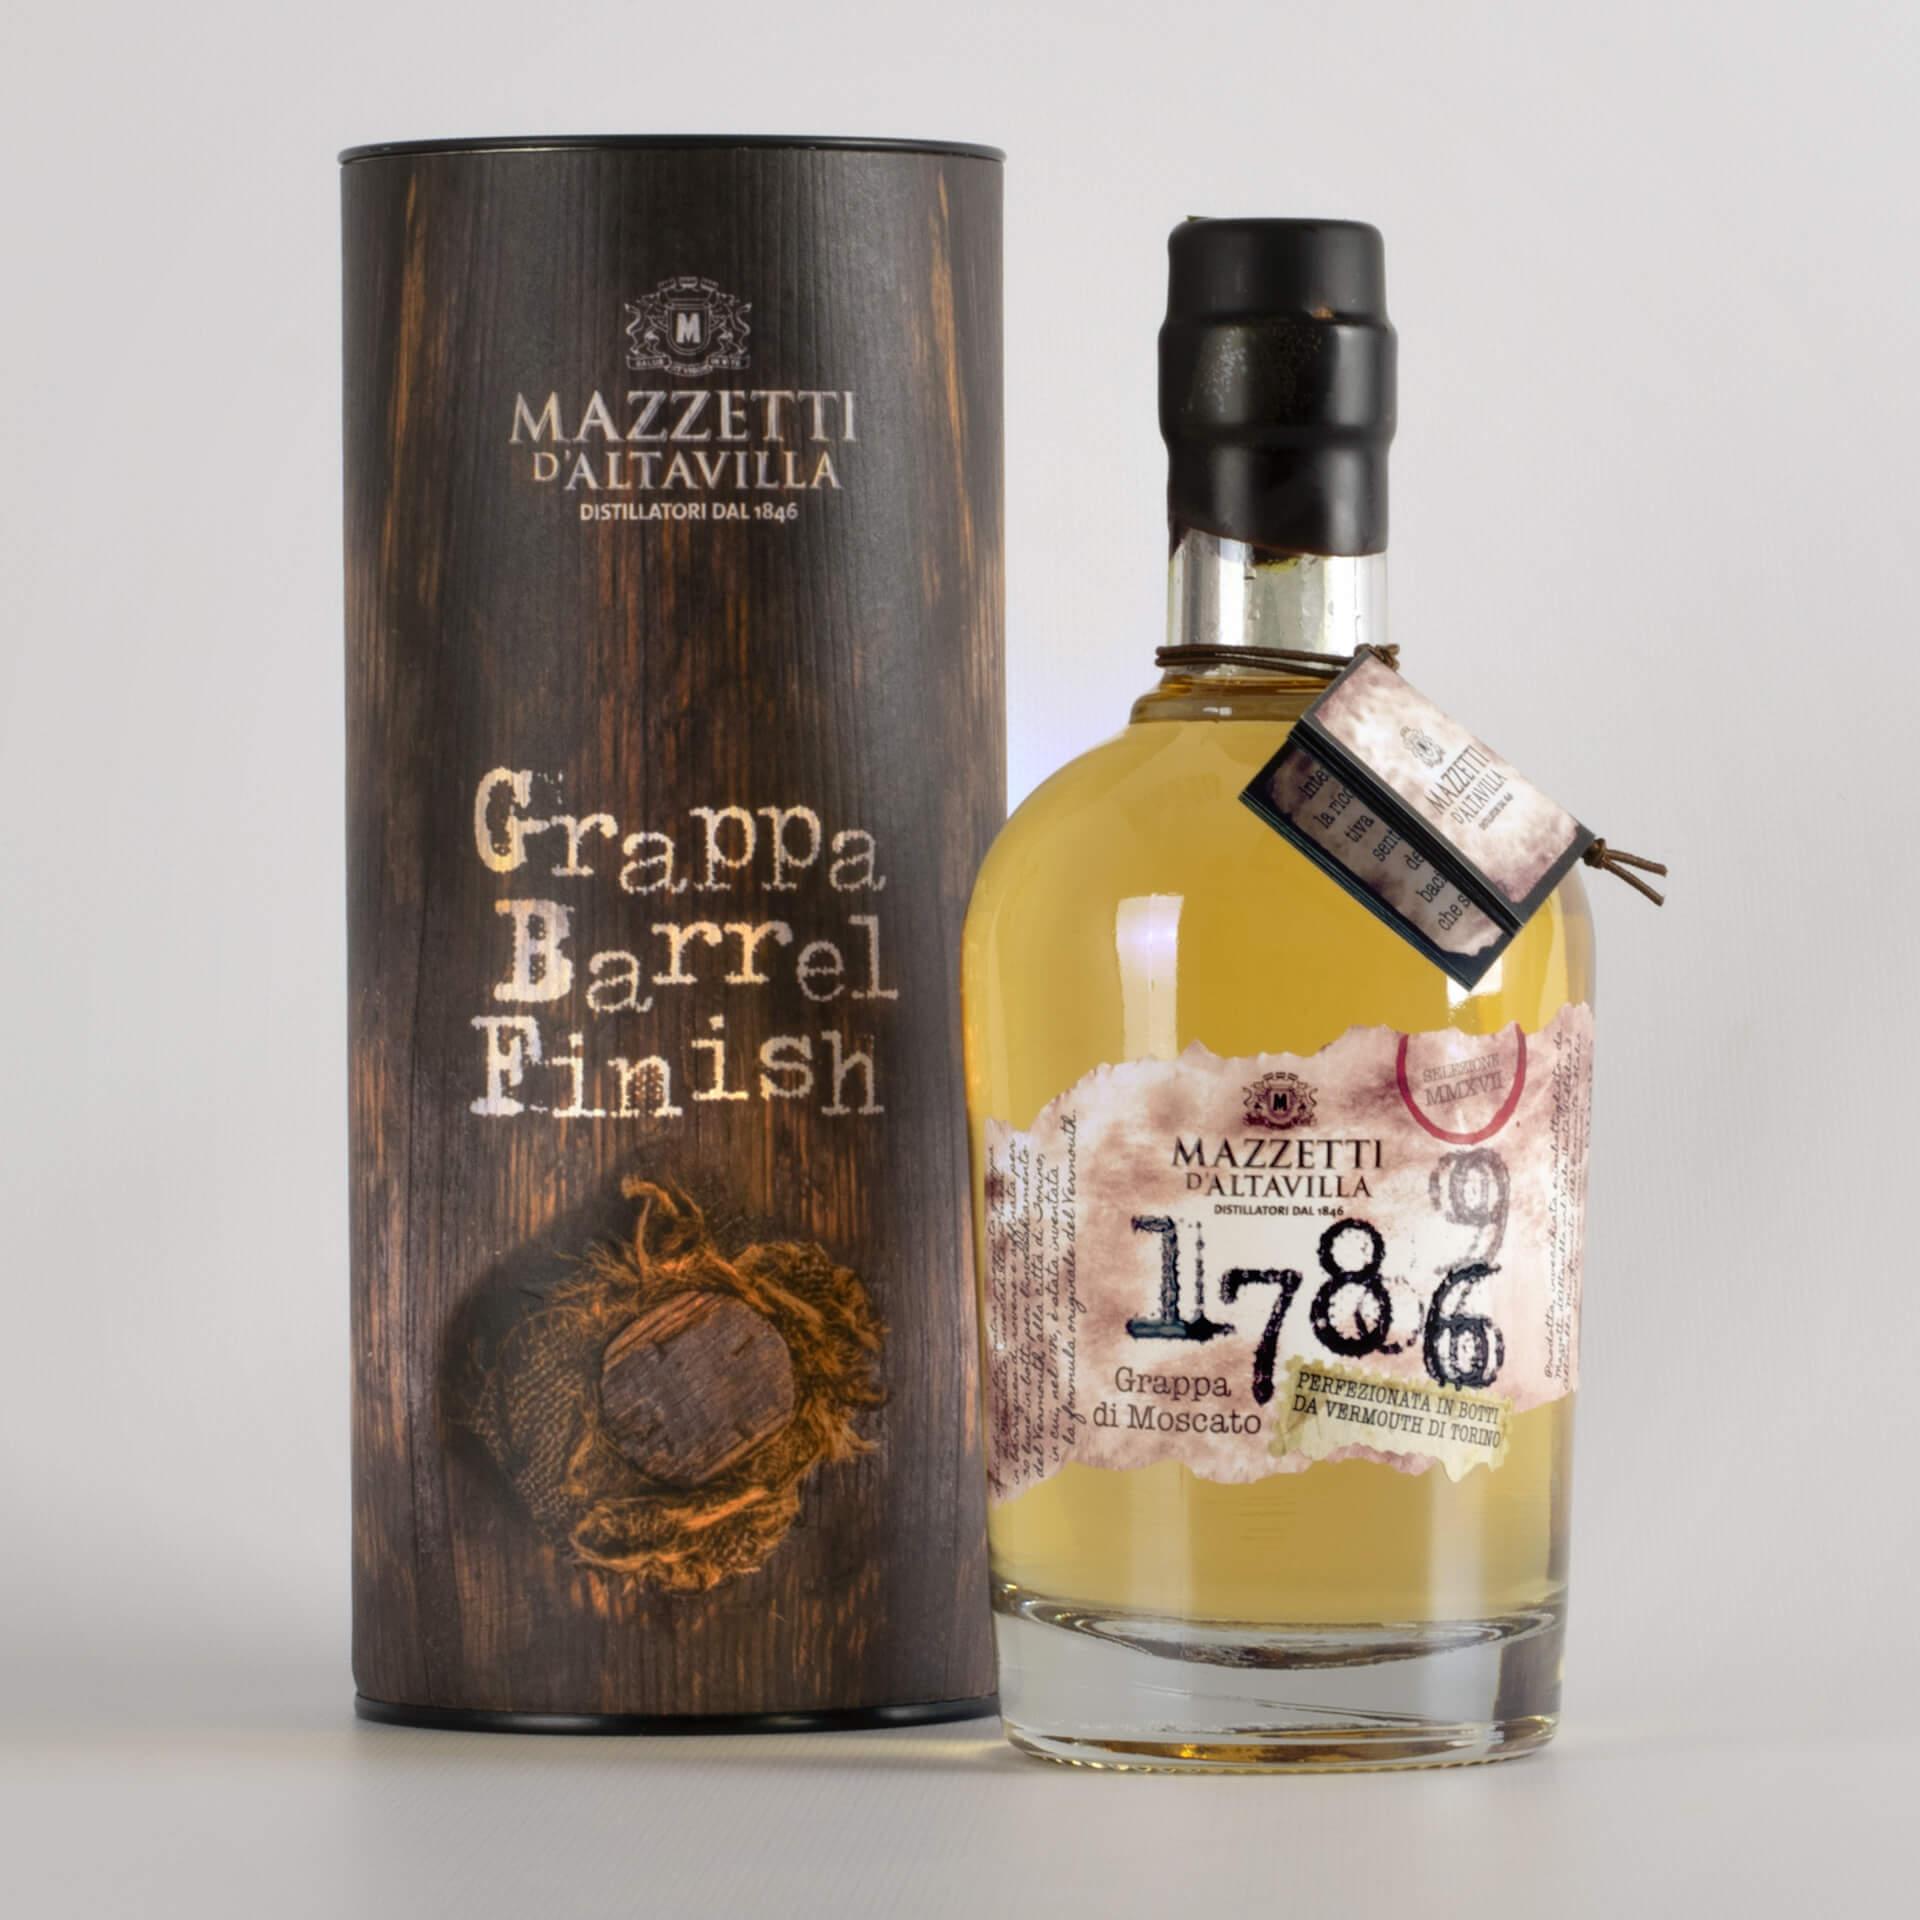 1786 Grappa di Moscato Vermouth di Torino in astuccio